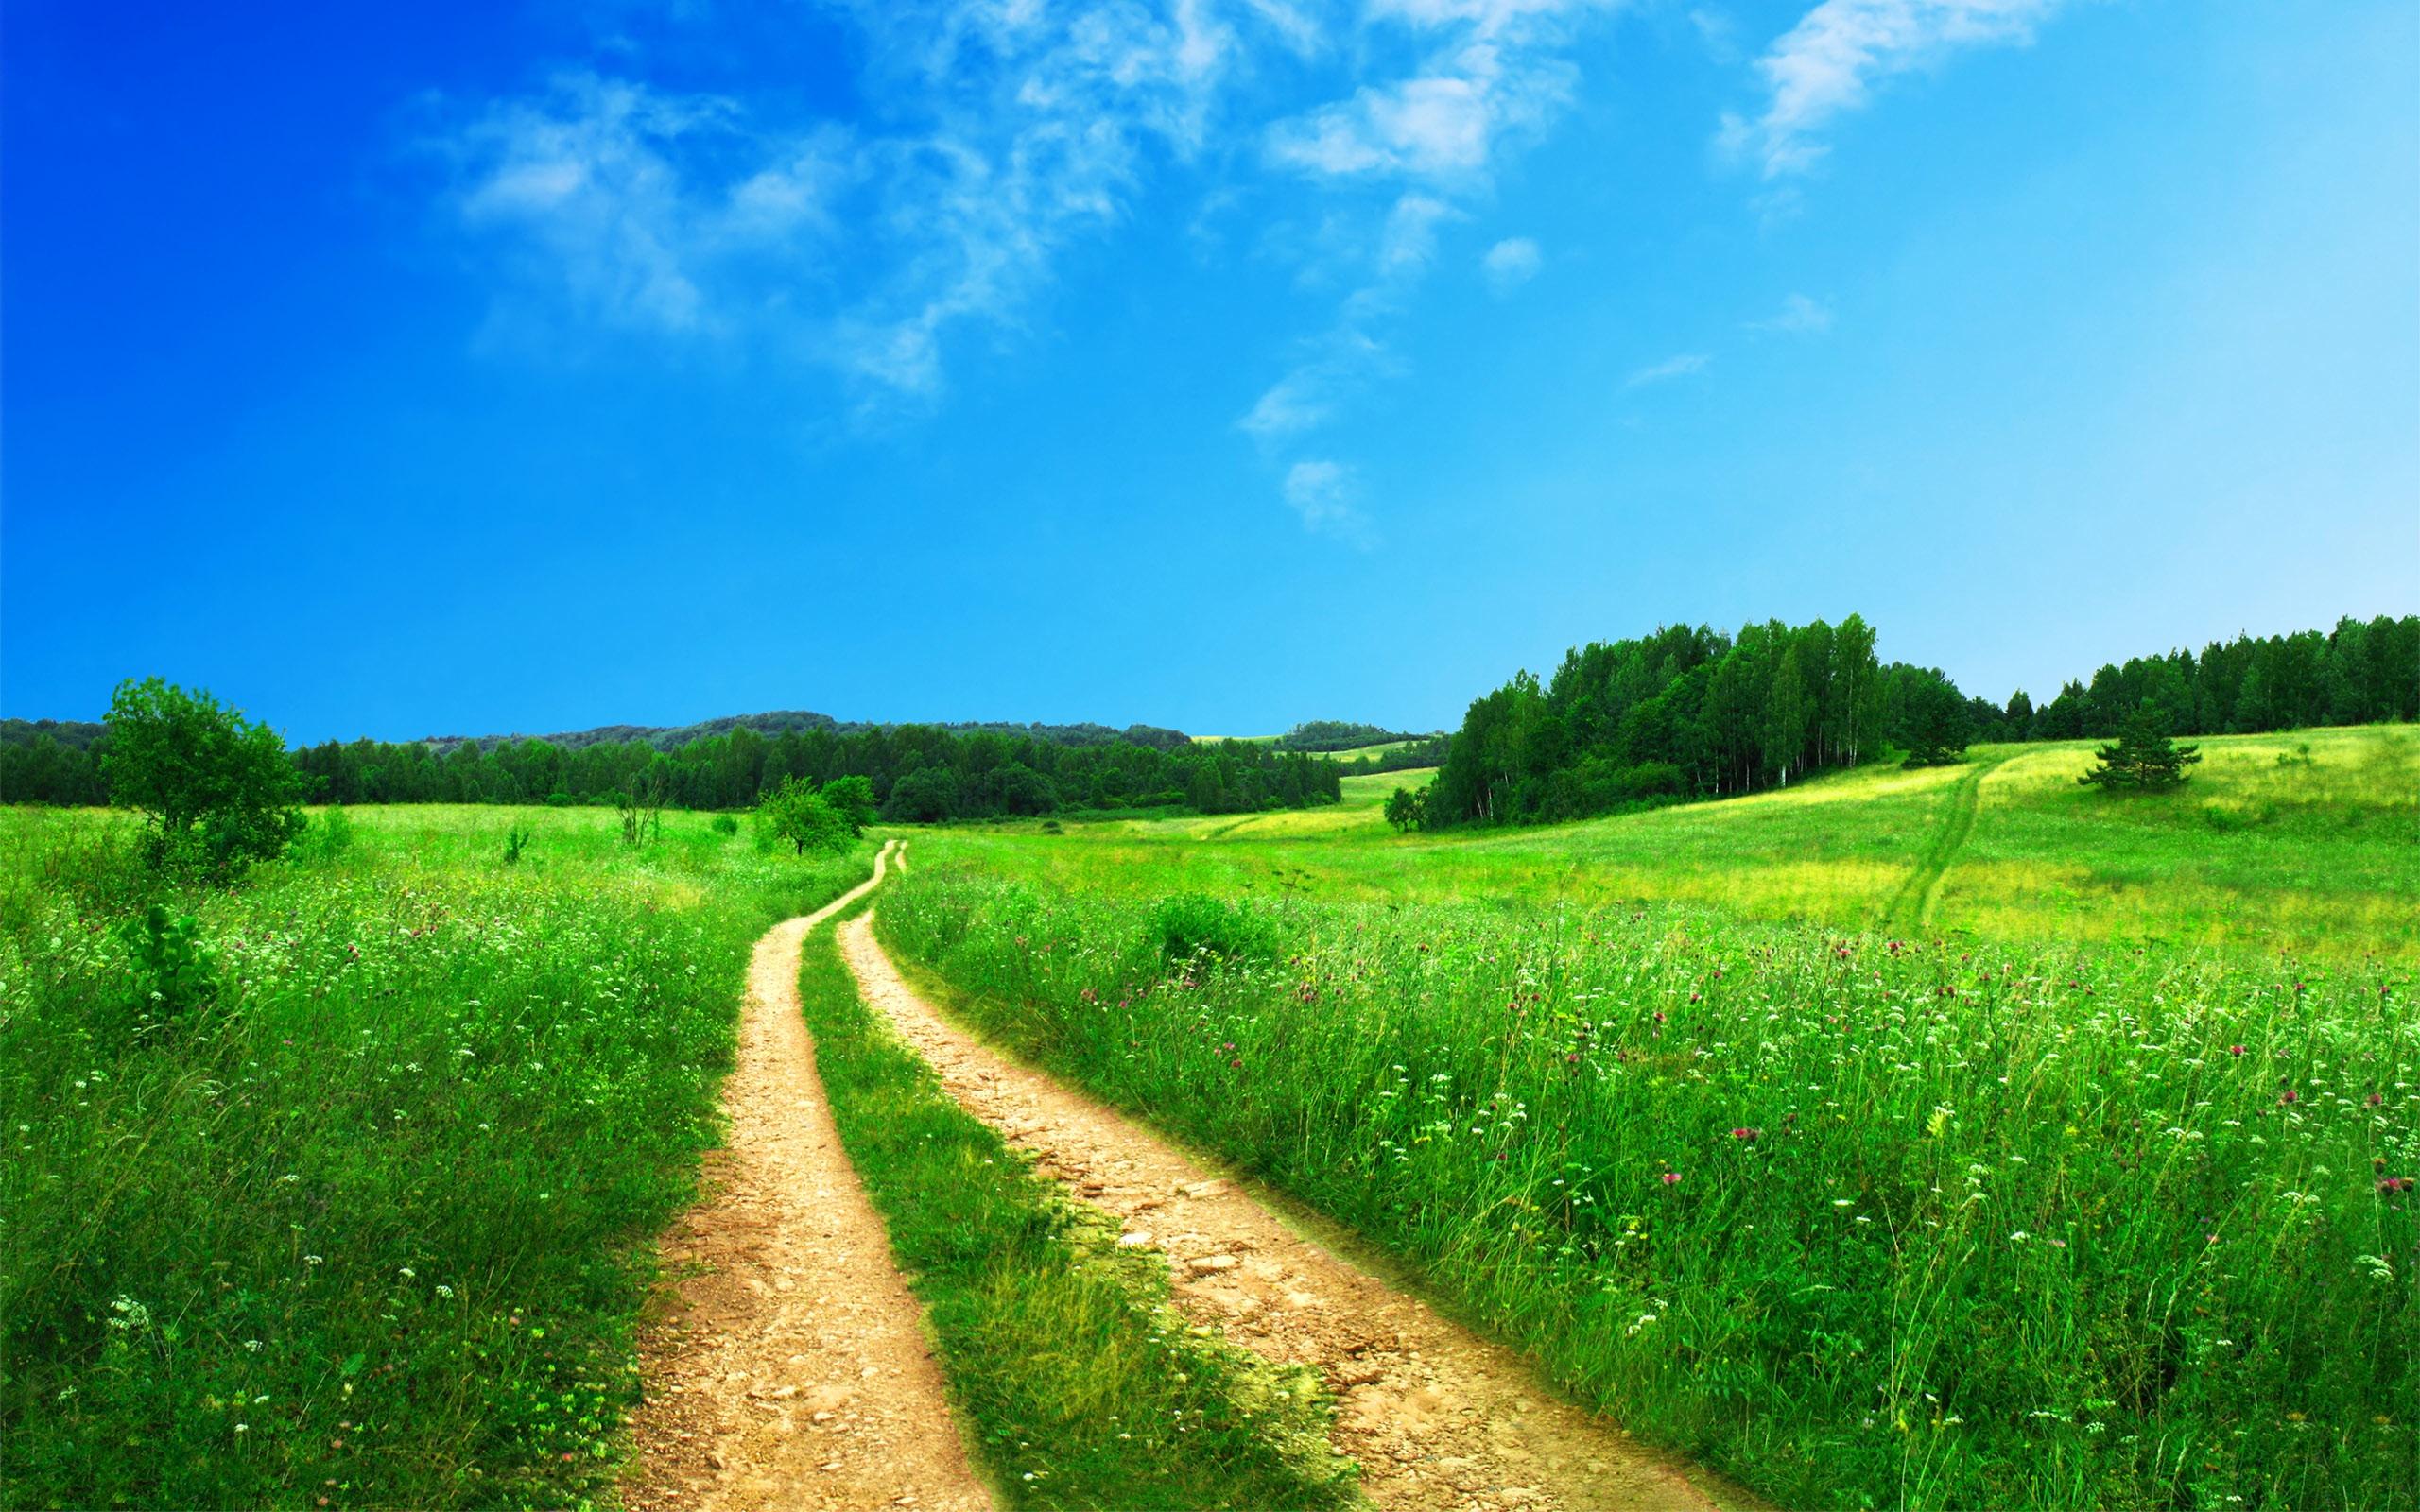 camino amarillo en el campo verde con cielo azul